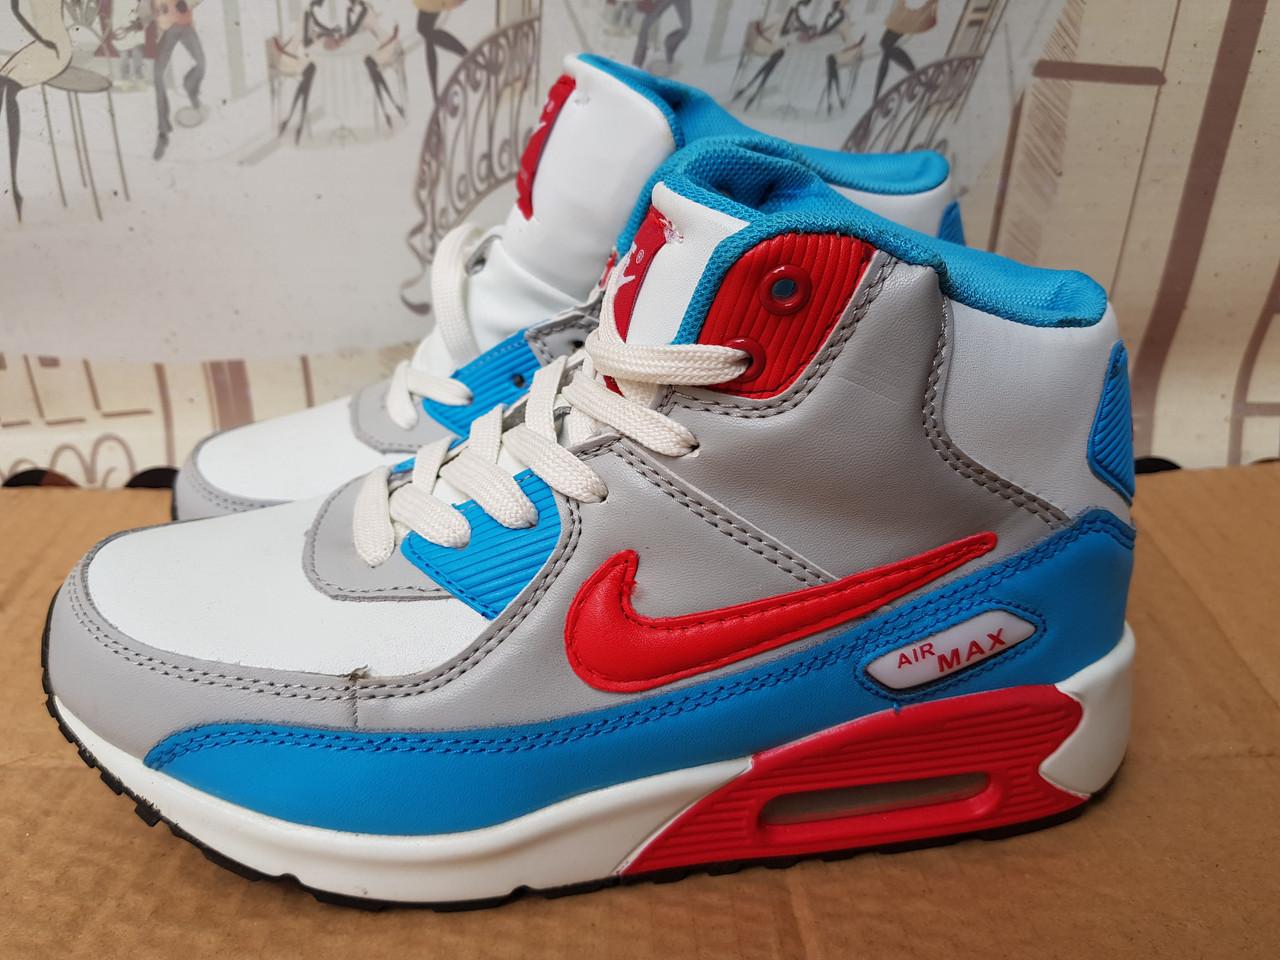 Зимние женские кроссовки Nike Air Max,цвета разные,распродажа